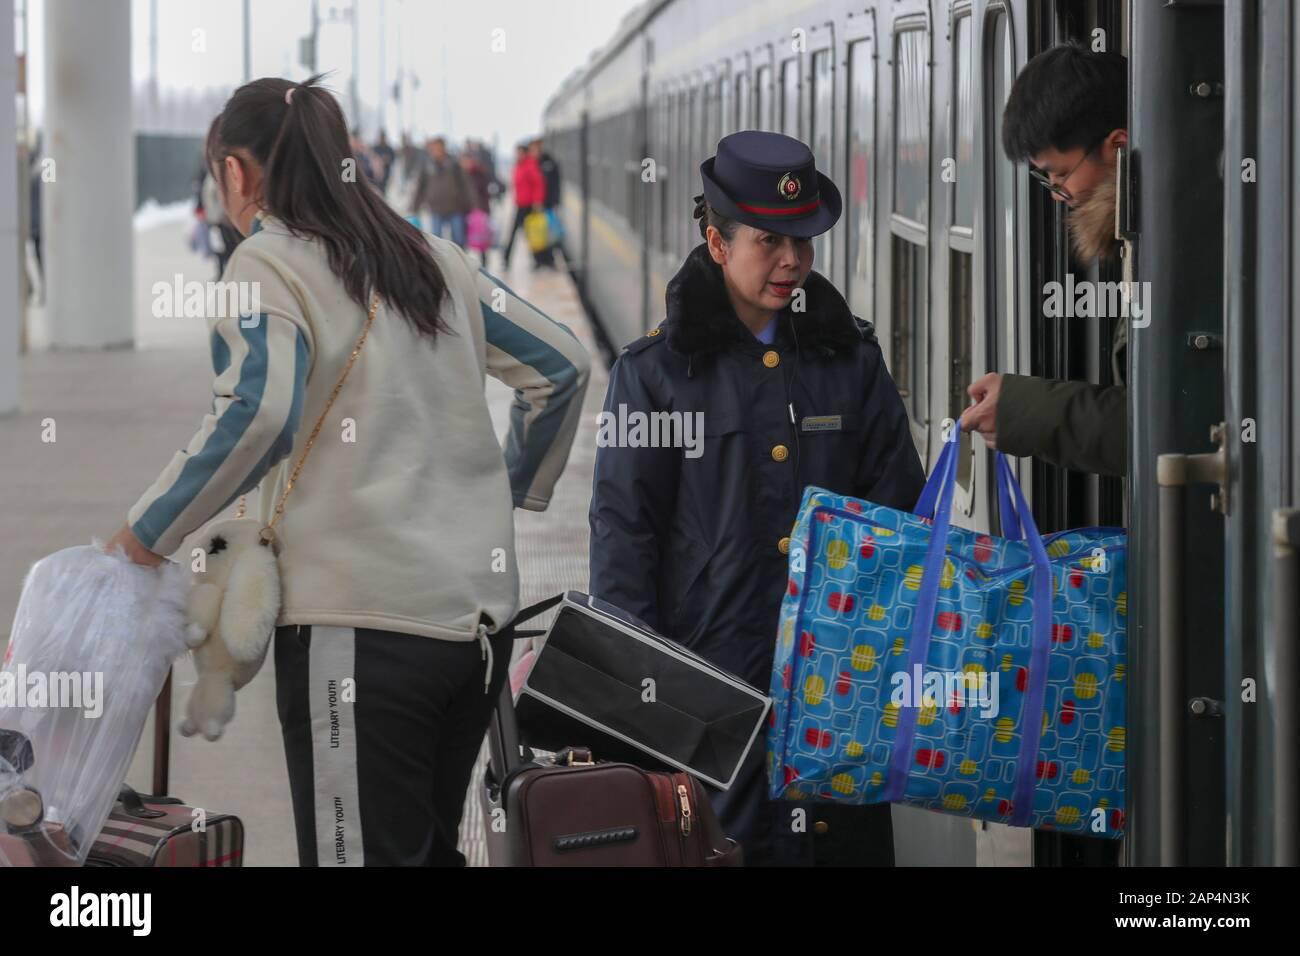 Tacheng. 30 de mayo de 2019. Los pasajeros bájese del tren en el K9857 a Emin Railway Station en el noroeste de China la Región Autónoma de Xinjiang Uygur, 20 de enero de 2020. El ferrocarril Karamay-Tacheng fue puesta en funcionamiento el 30 de mayo de 2019, que trajo una gran comodidad a los pasajeros a lo largo de la línea. El ferrocarril ha transportado alrededor de 292.000 pasajeros desde su inauguración, con unos 14.000 pasajeros transportados desde el inicio de este Festival de Primavera de Rush de viaje. Crédito: Zhao Ge/Xinhua/Alamy Live News Foto de stock